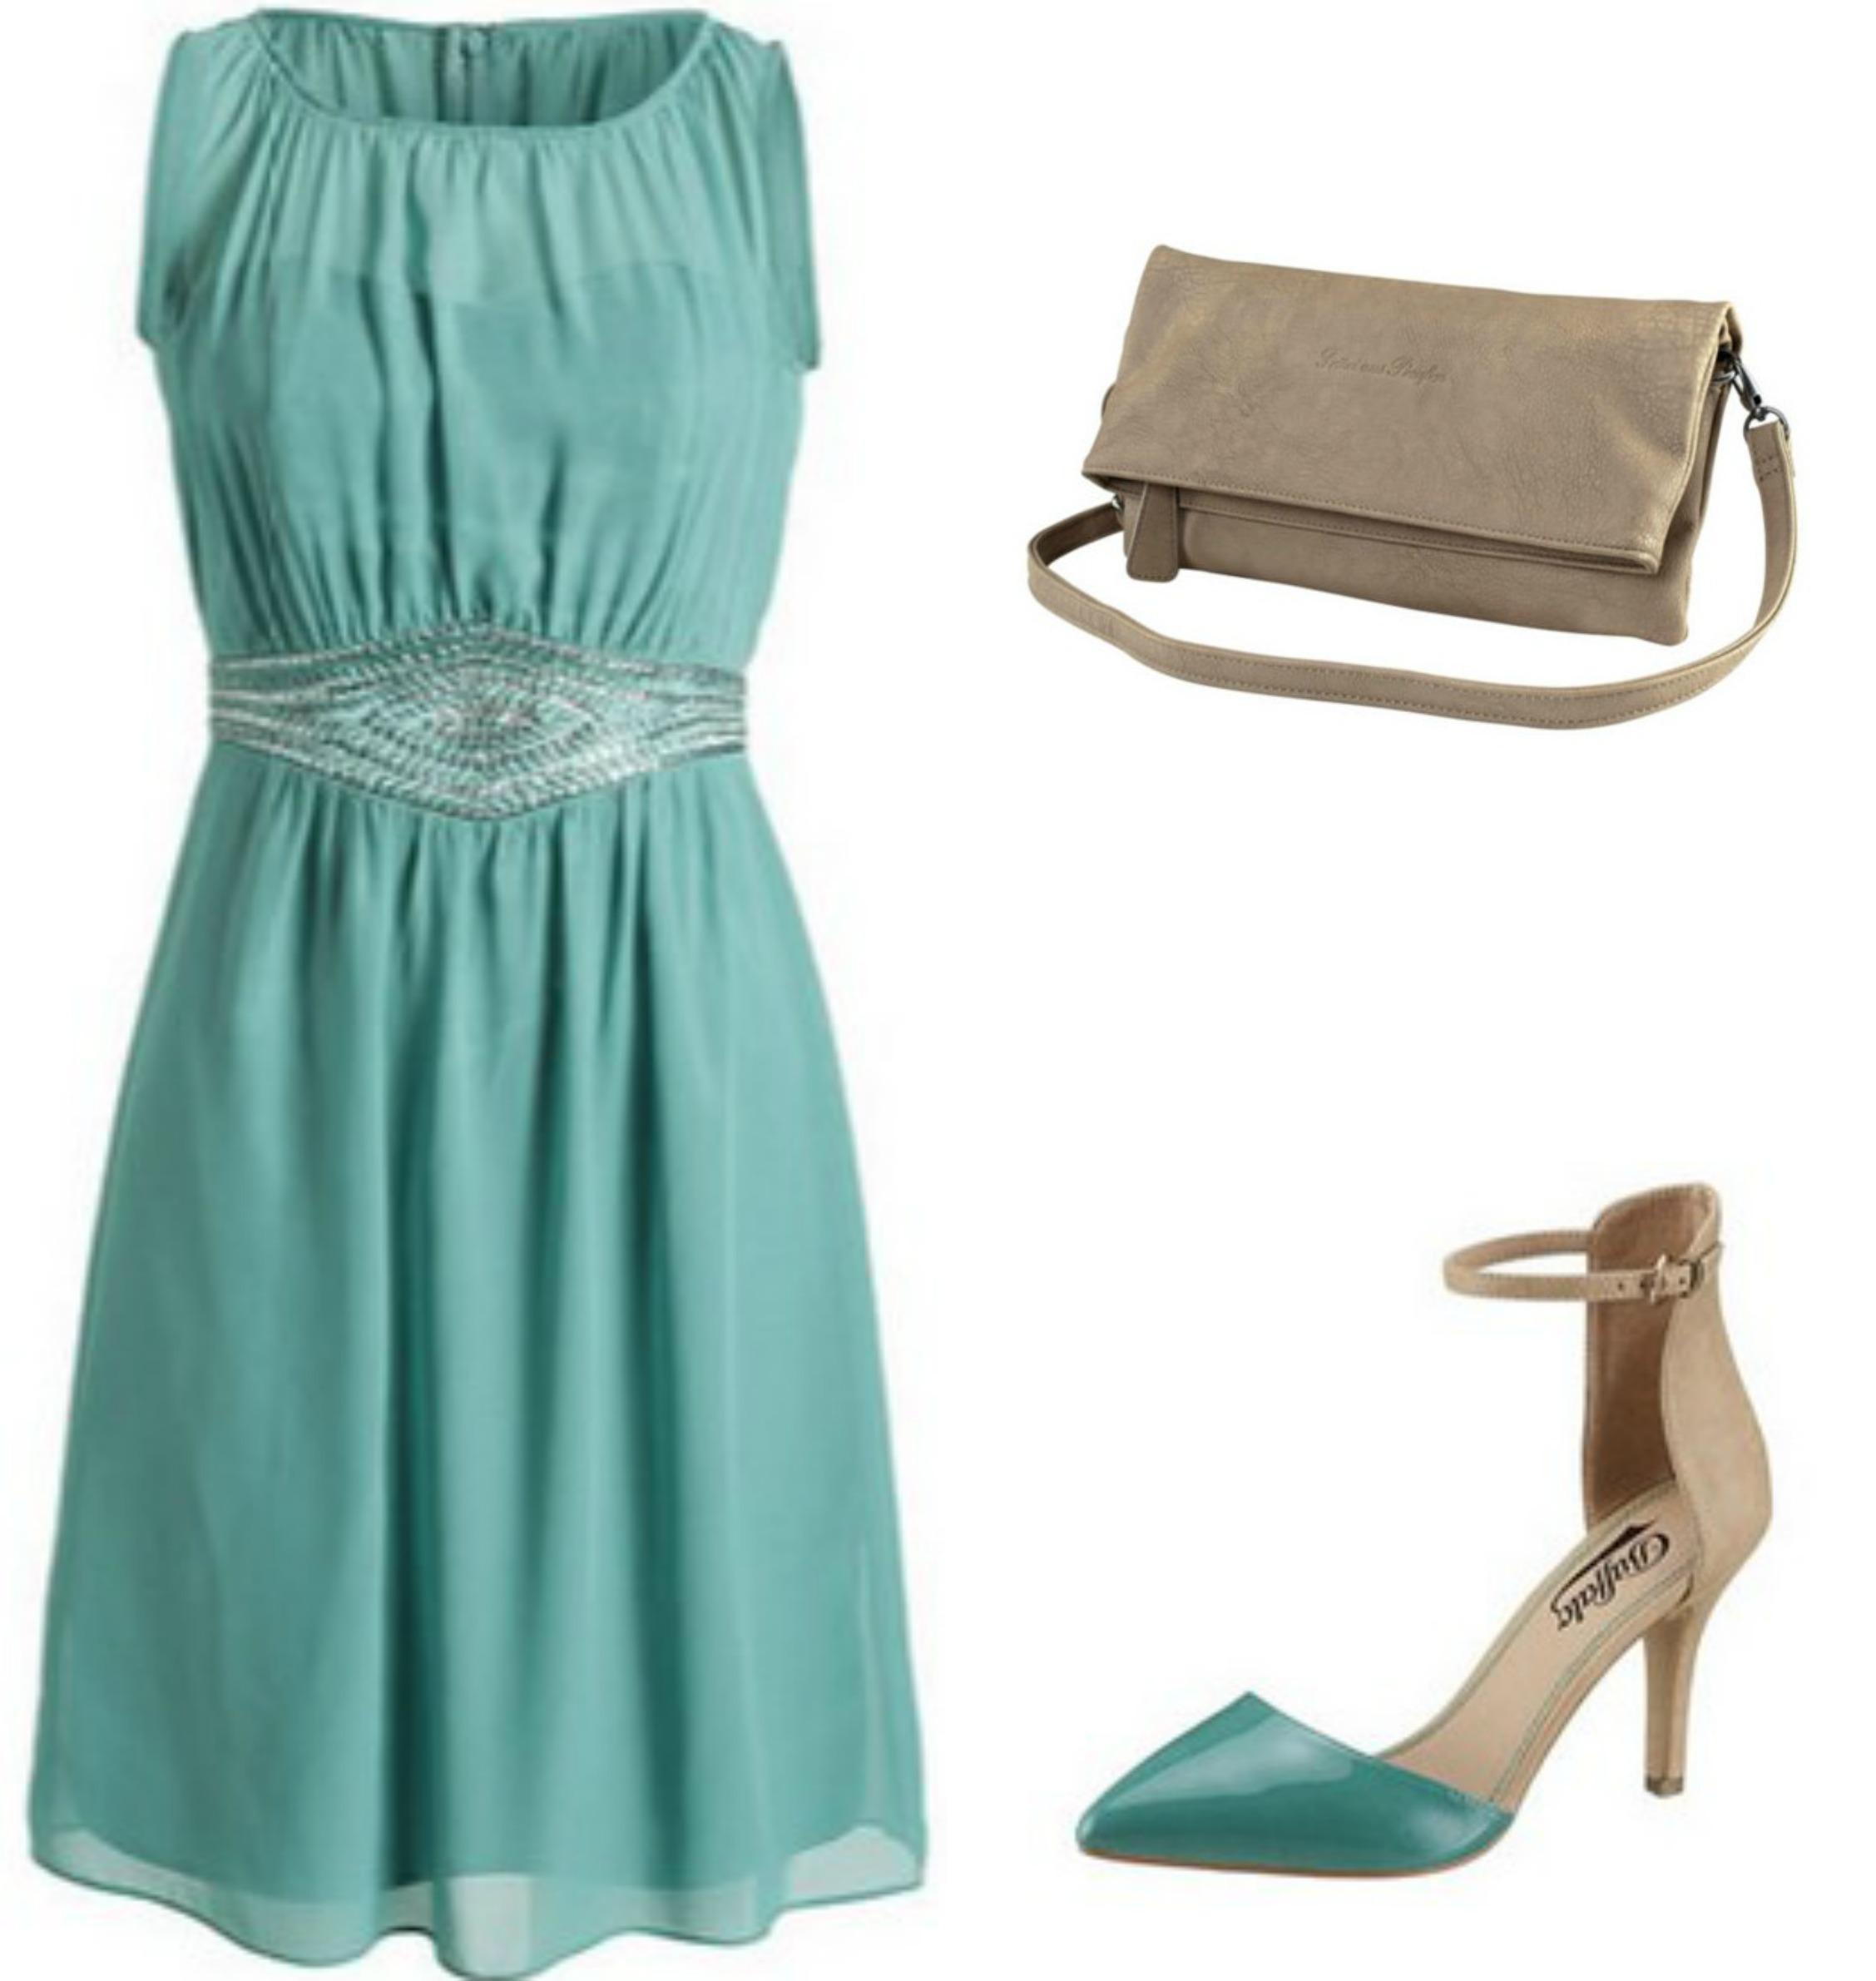 Kleider für Hochzeitsgäste: Unsere 3 Outfit-Vorschläge